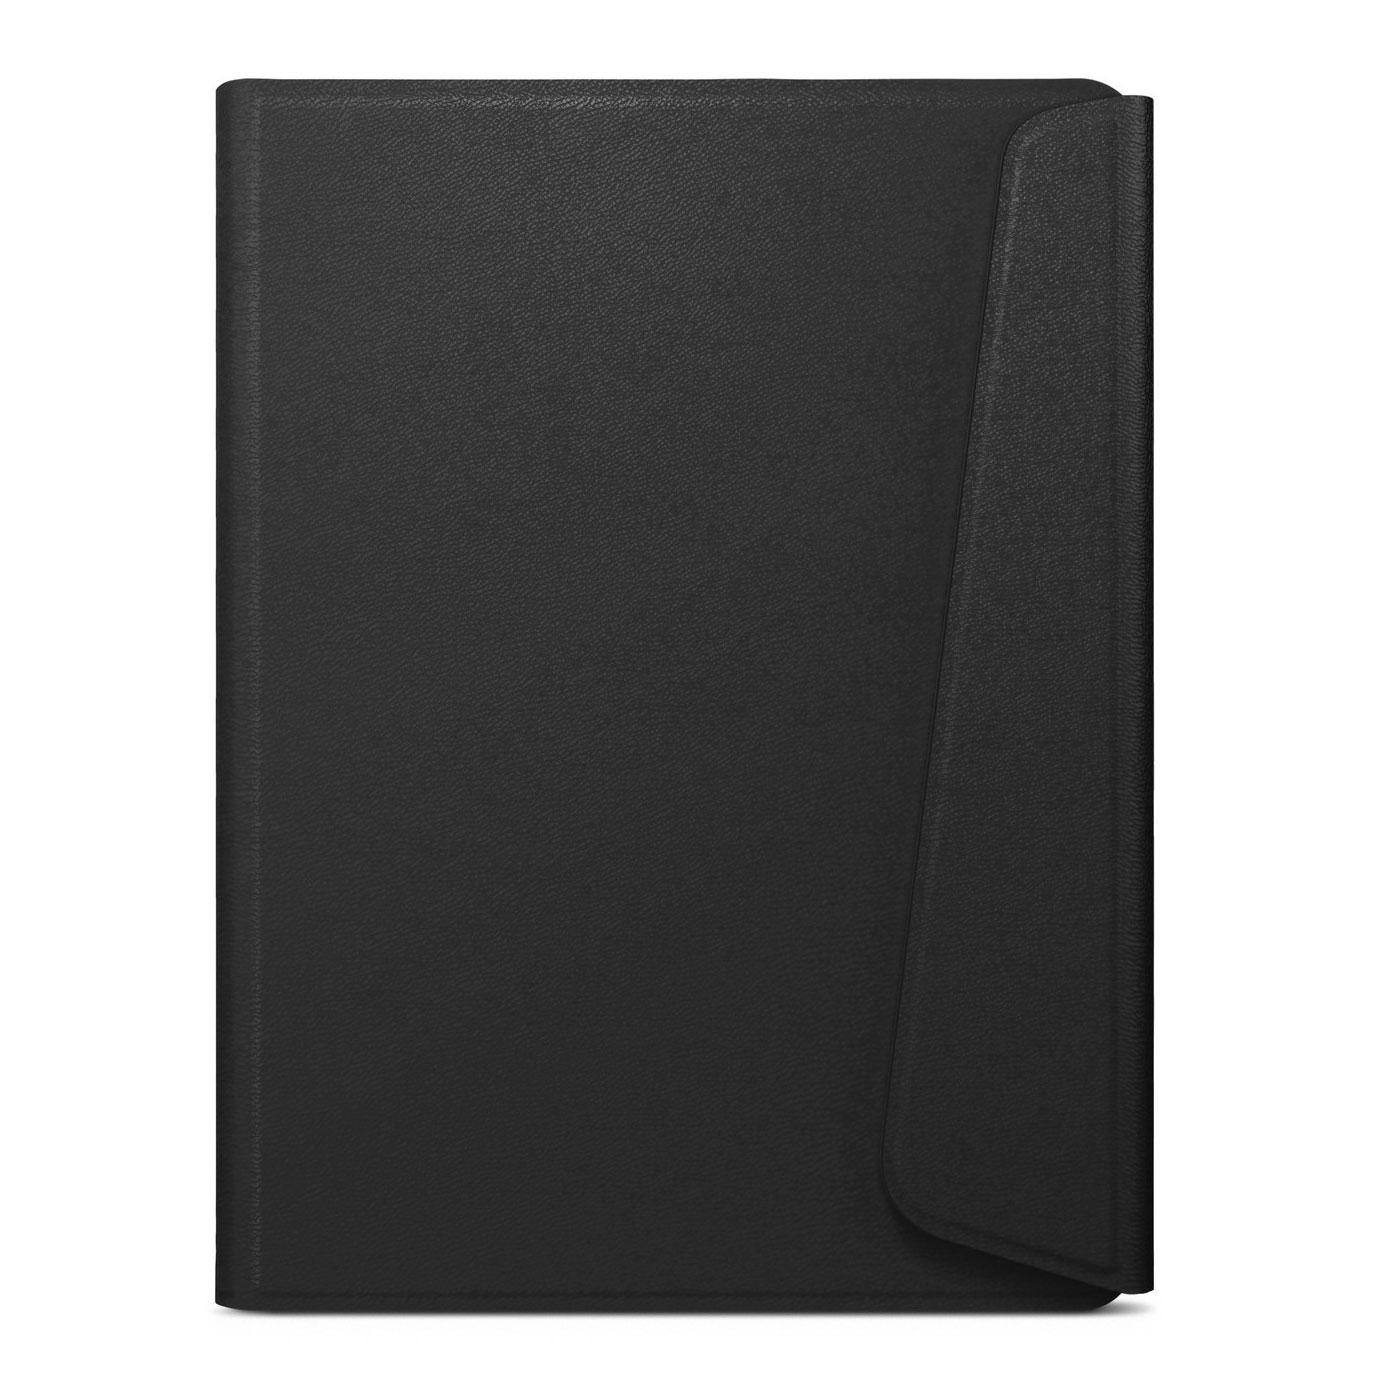 free ebooks for kobo glo ereader